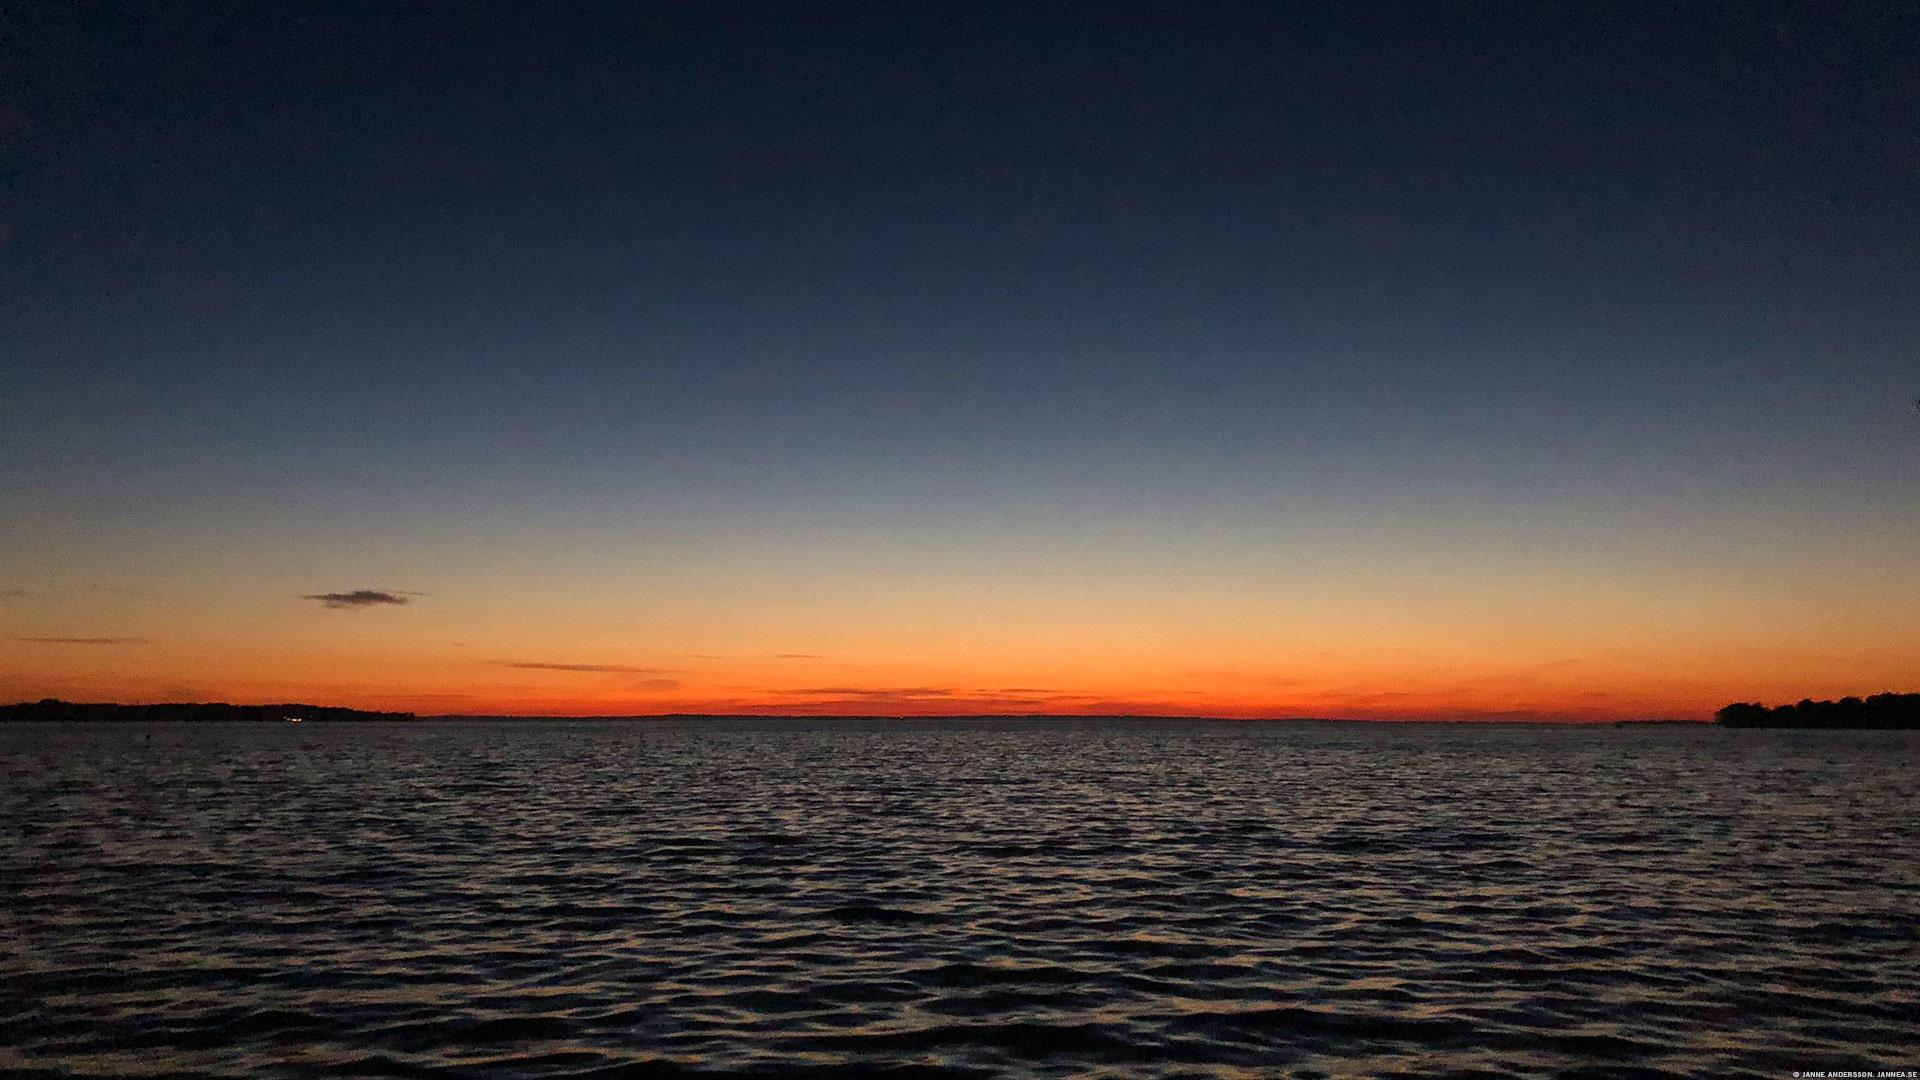 En solnedgång över Vättern |© Janne A